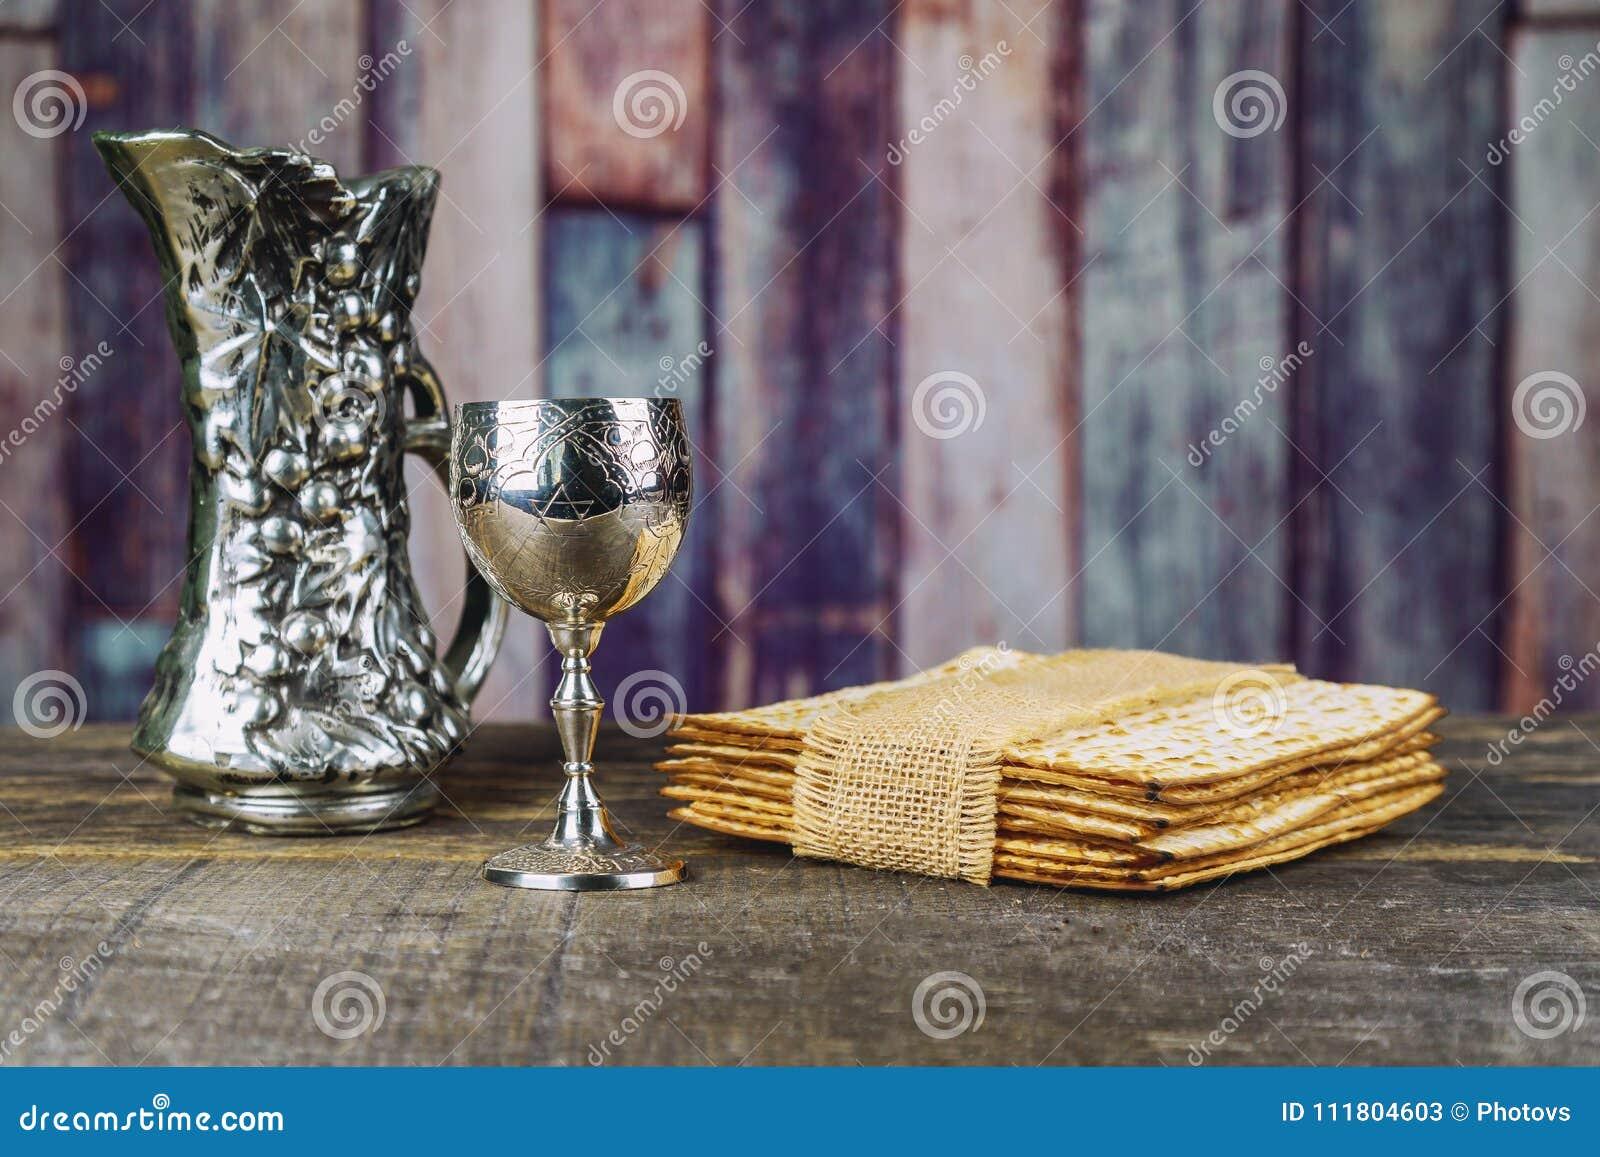 Vino kosher rojo con una placa blanca del matzah o matza y un Haggadah de la pascua judía